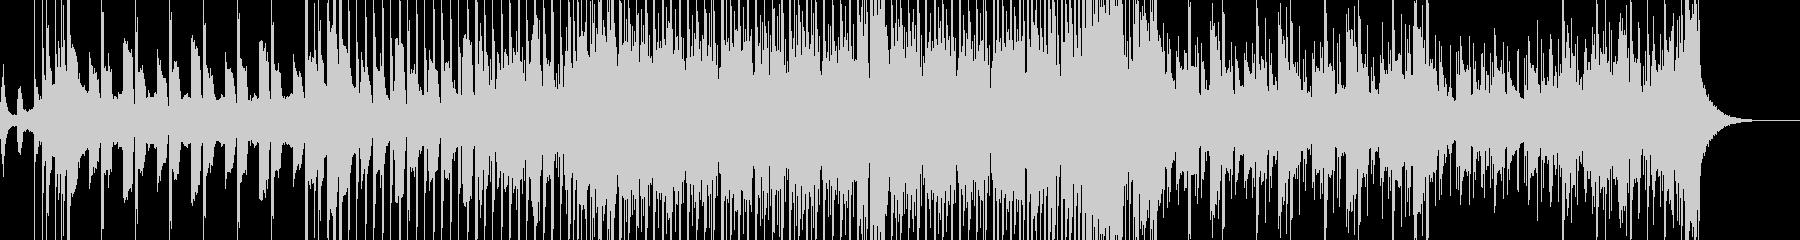 暗めなシンスウェーブの未再生の波形